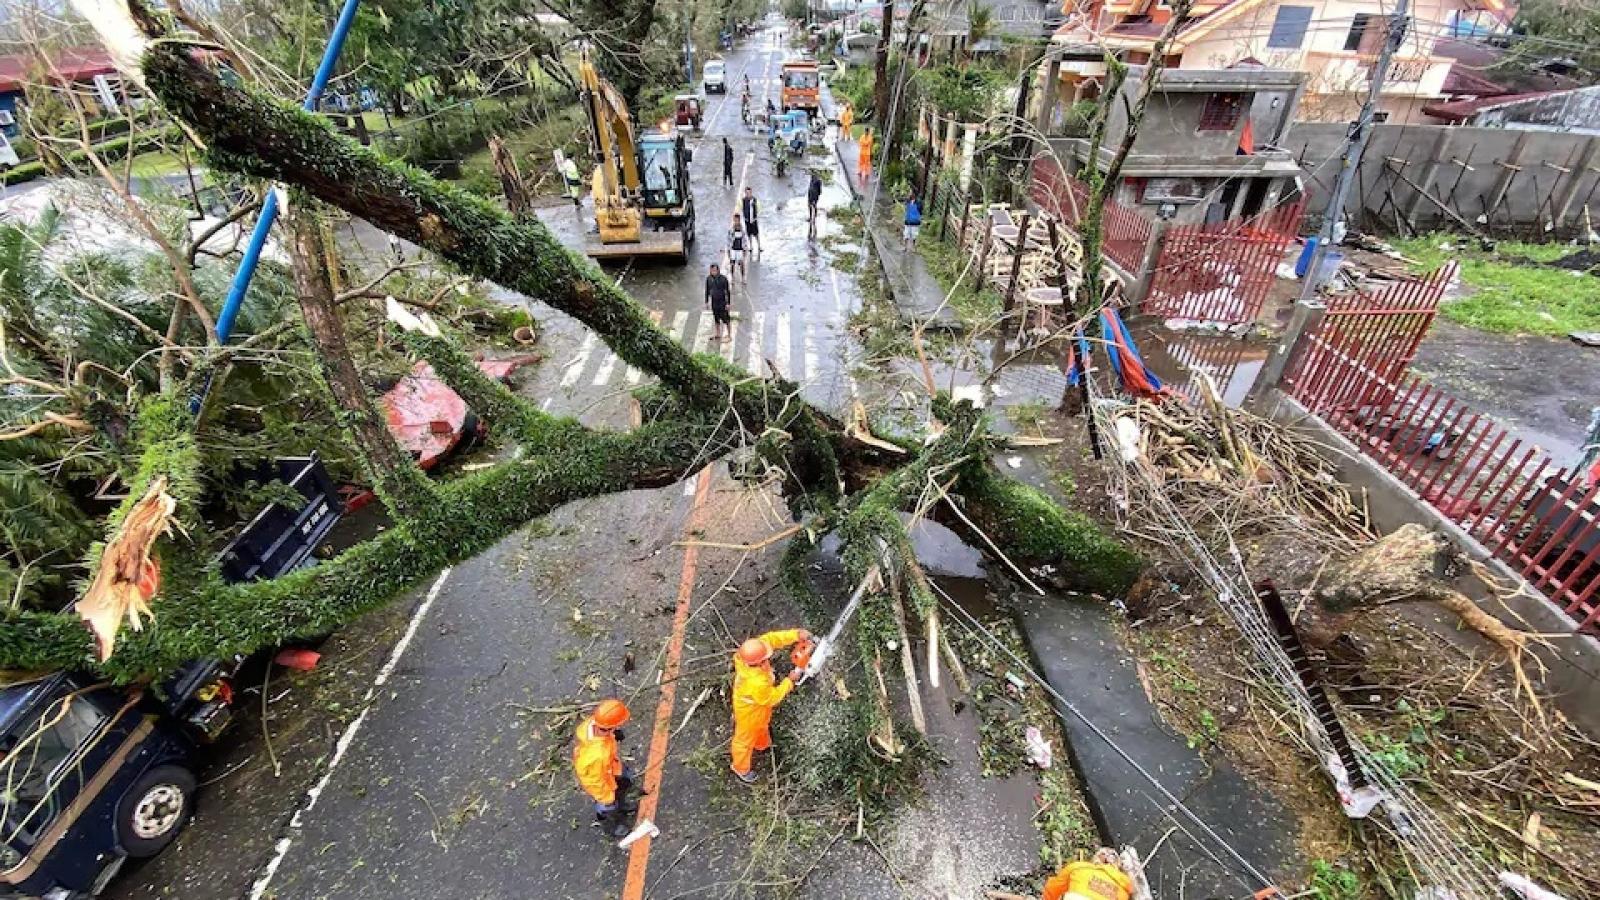 Siêu bão Goni tại Philippines: Ít nhất 4 người thiệt mạng, 31 triệu người bị ảnh hưởng